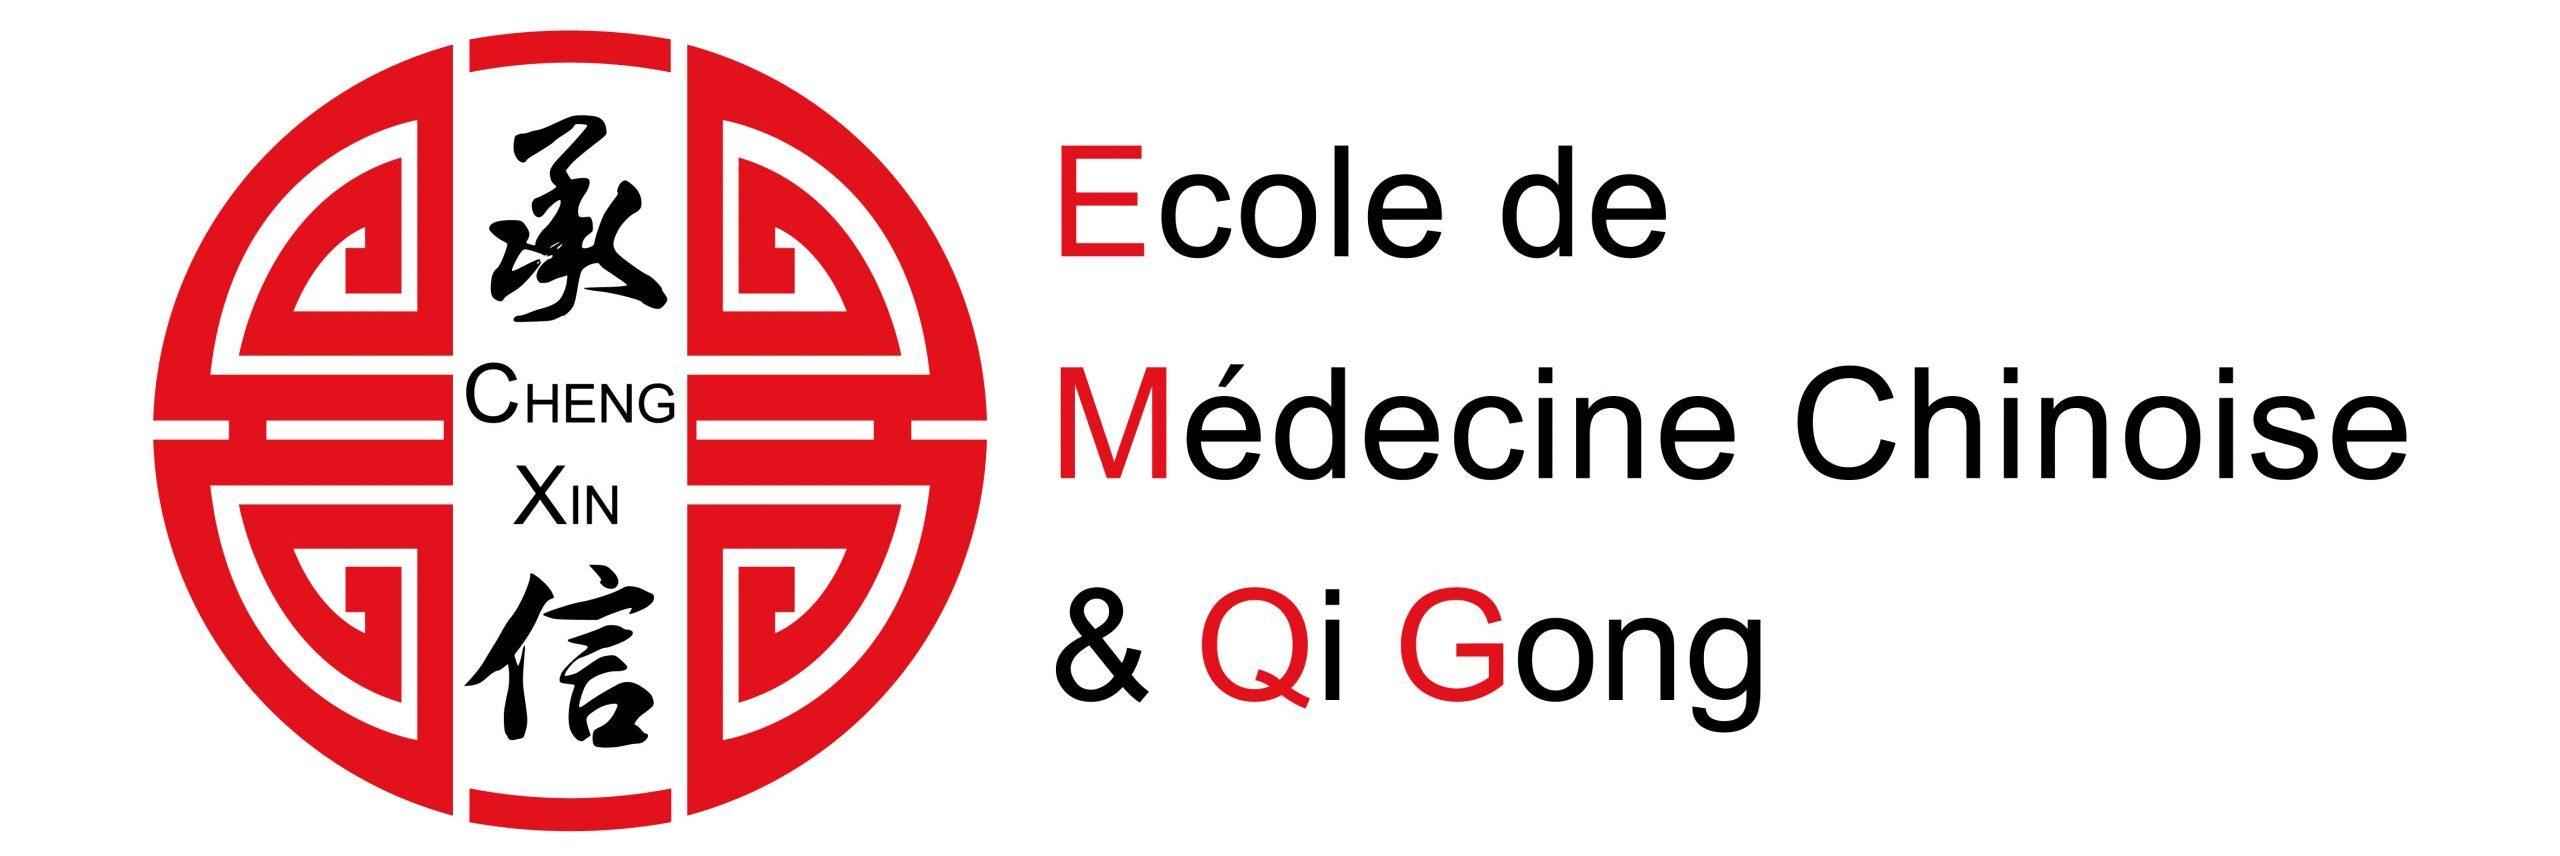 Chéng Xin Ecole Médecine Chinoise et Qi Gong – Cheng Xin – EMCQG